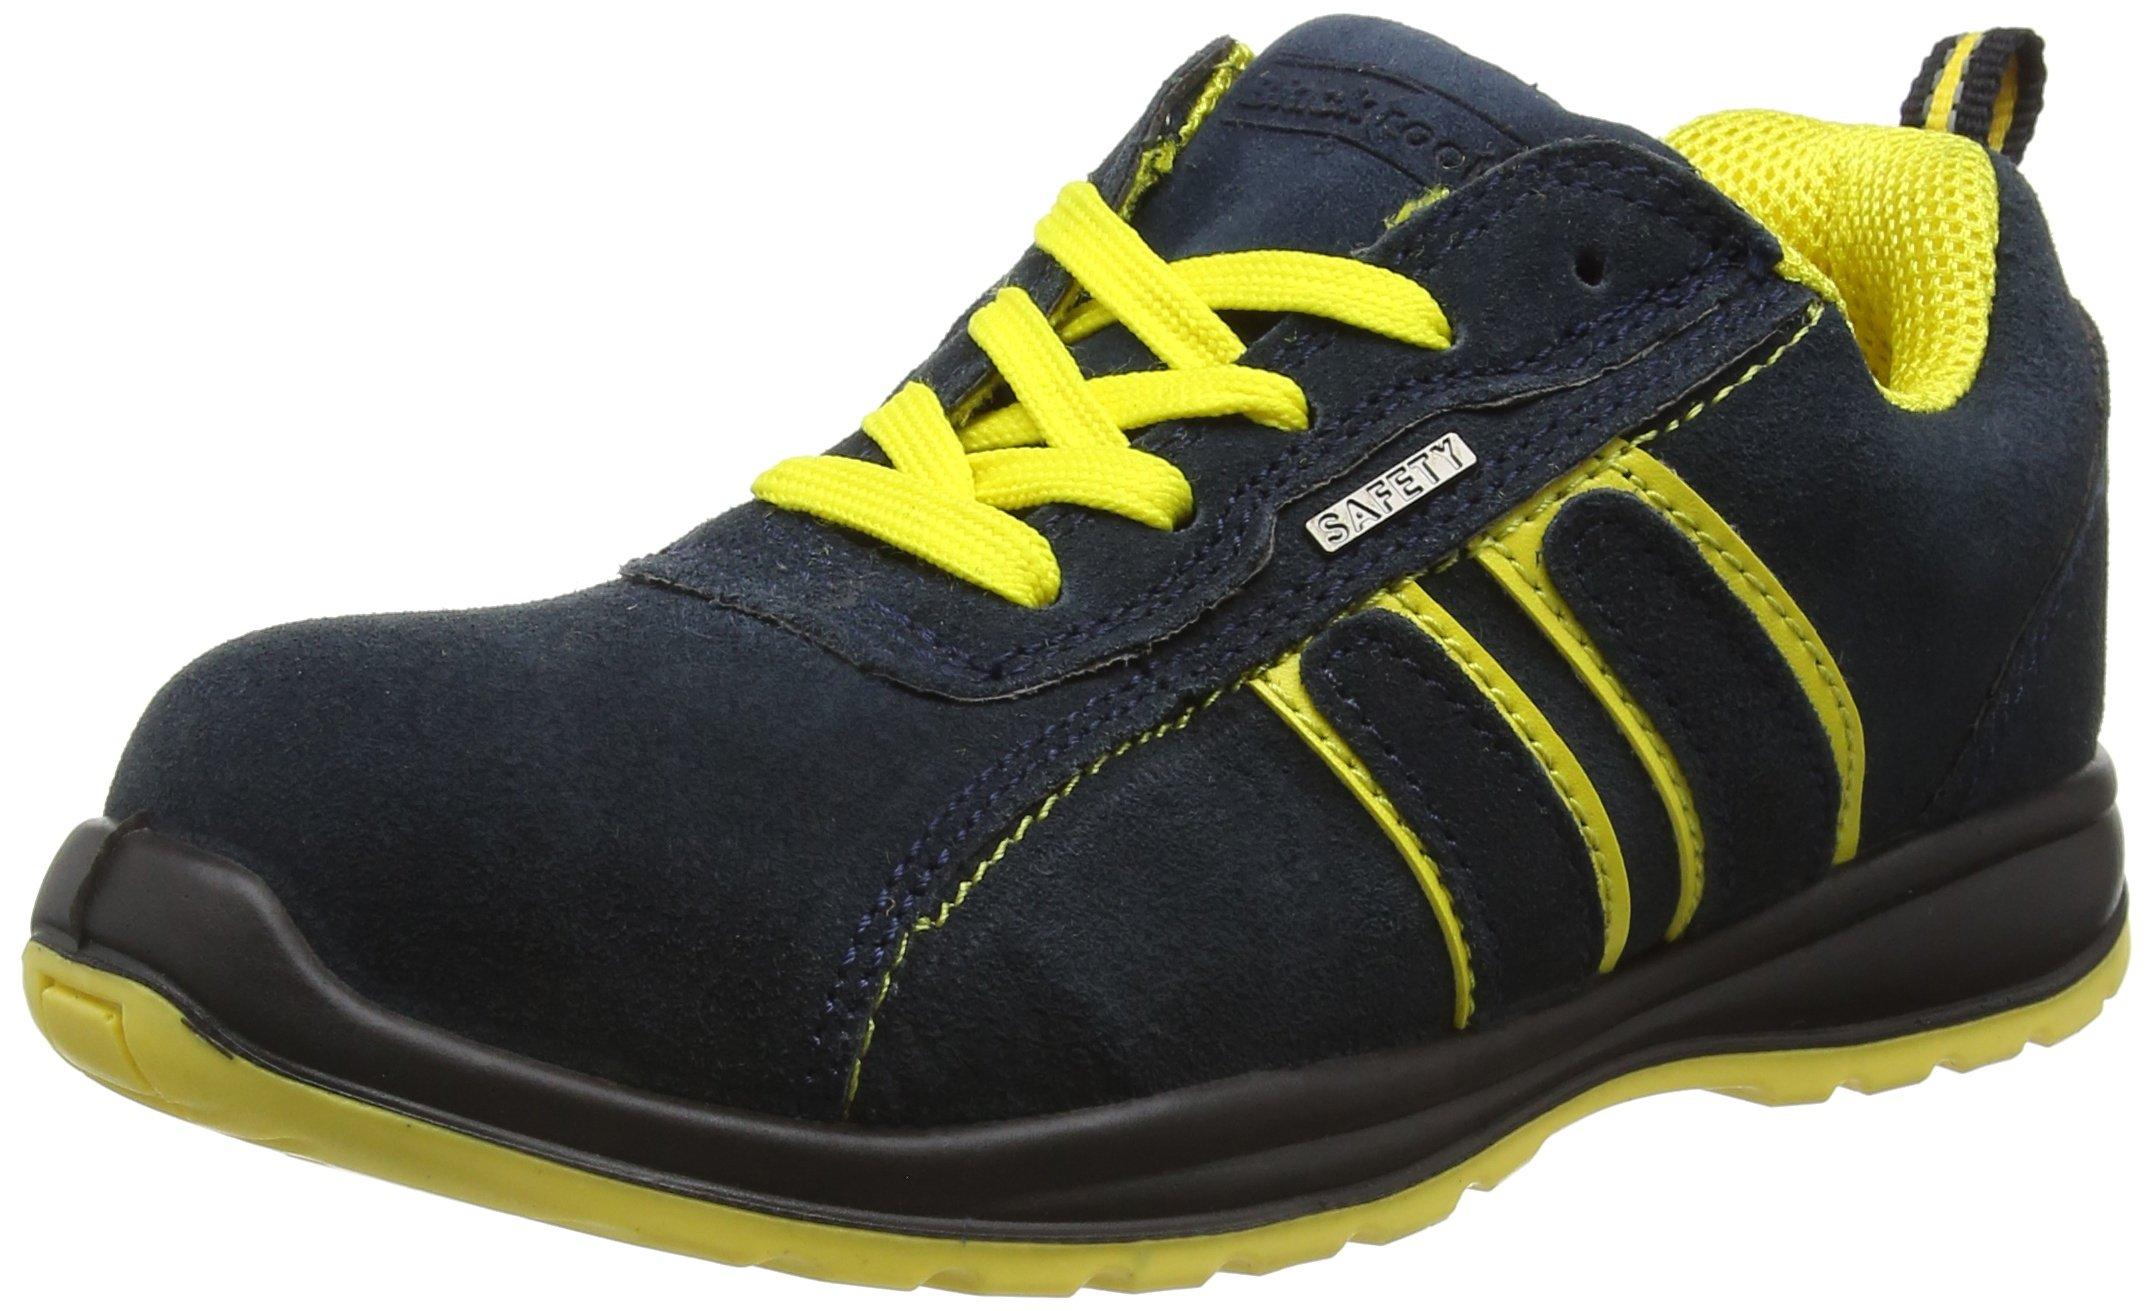 low priced c4457 9eba2 Blackrock Hudson Trainer - Zapatillas de seguridad con punta de acero,  Unisex Adulto